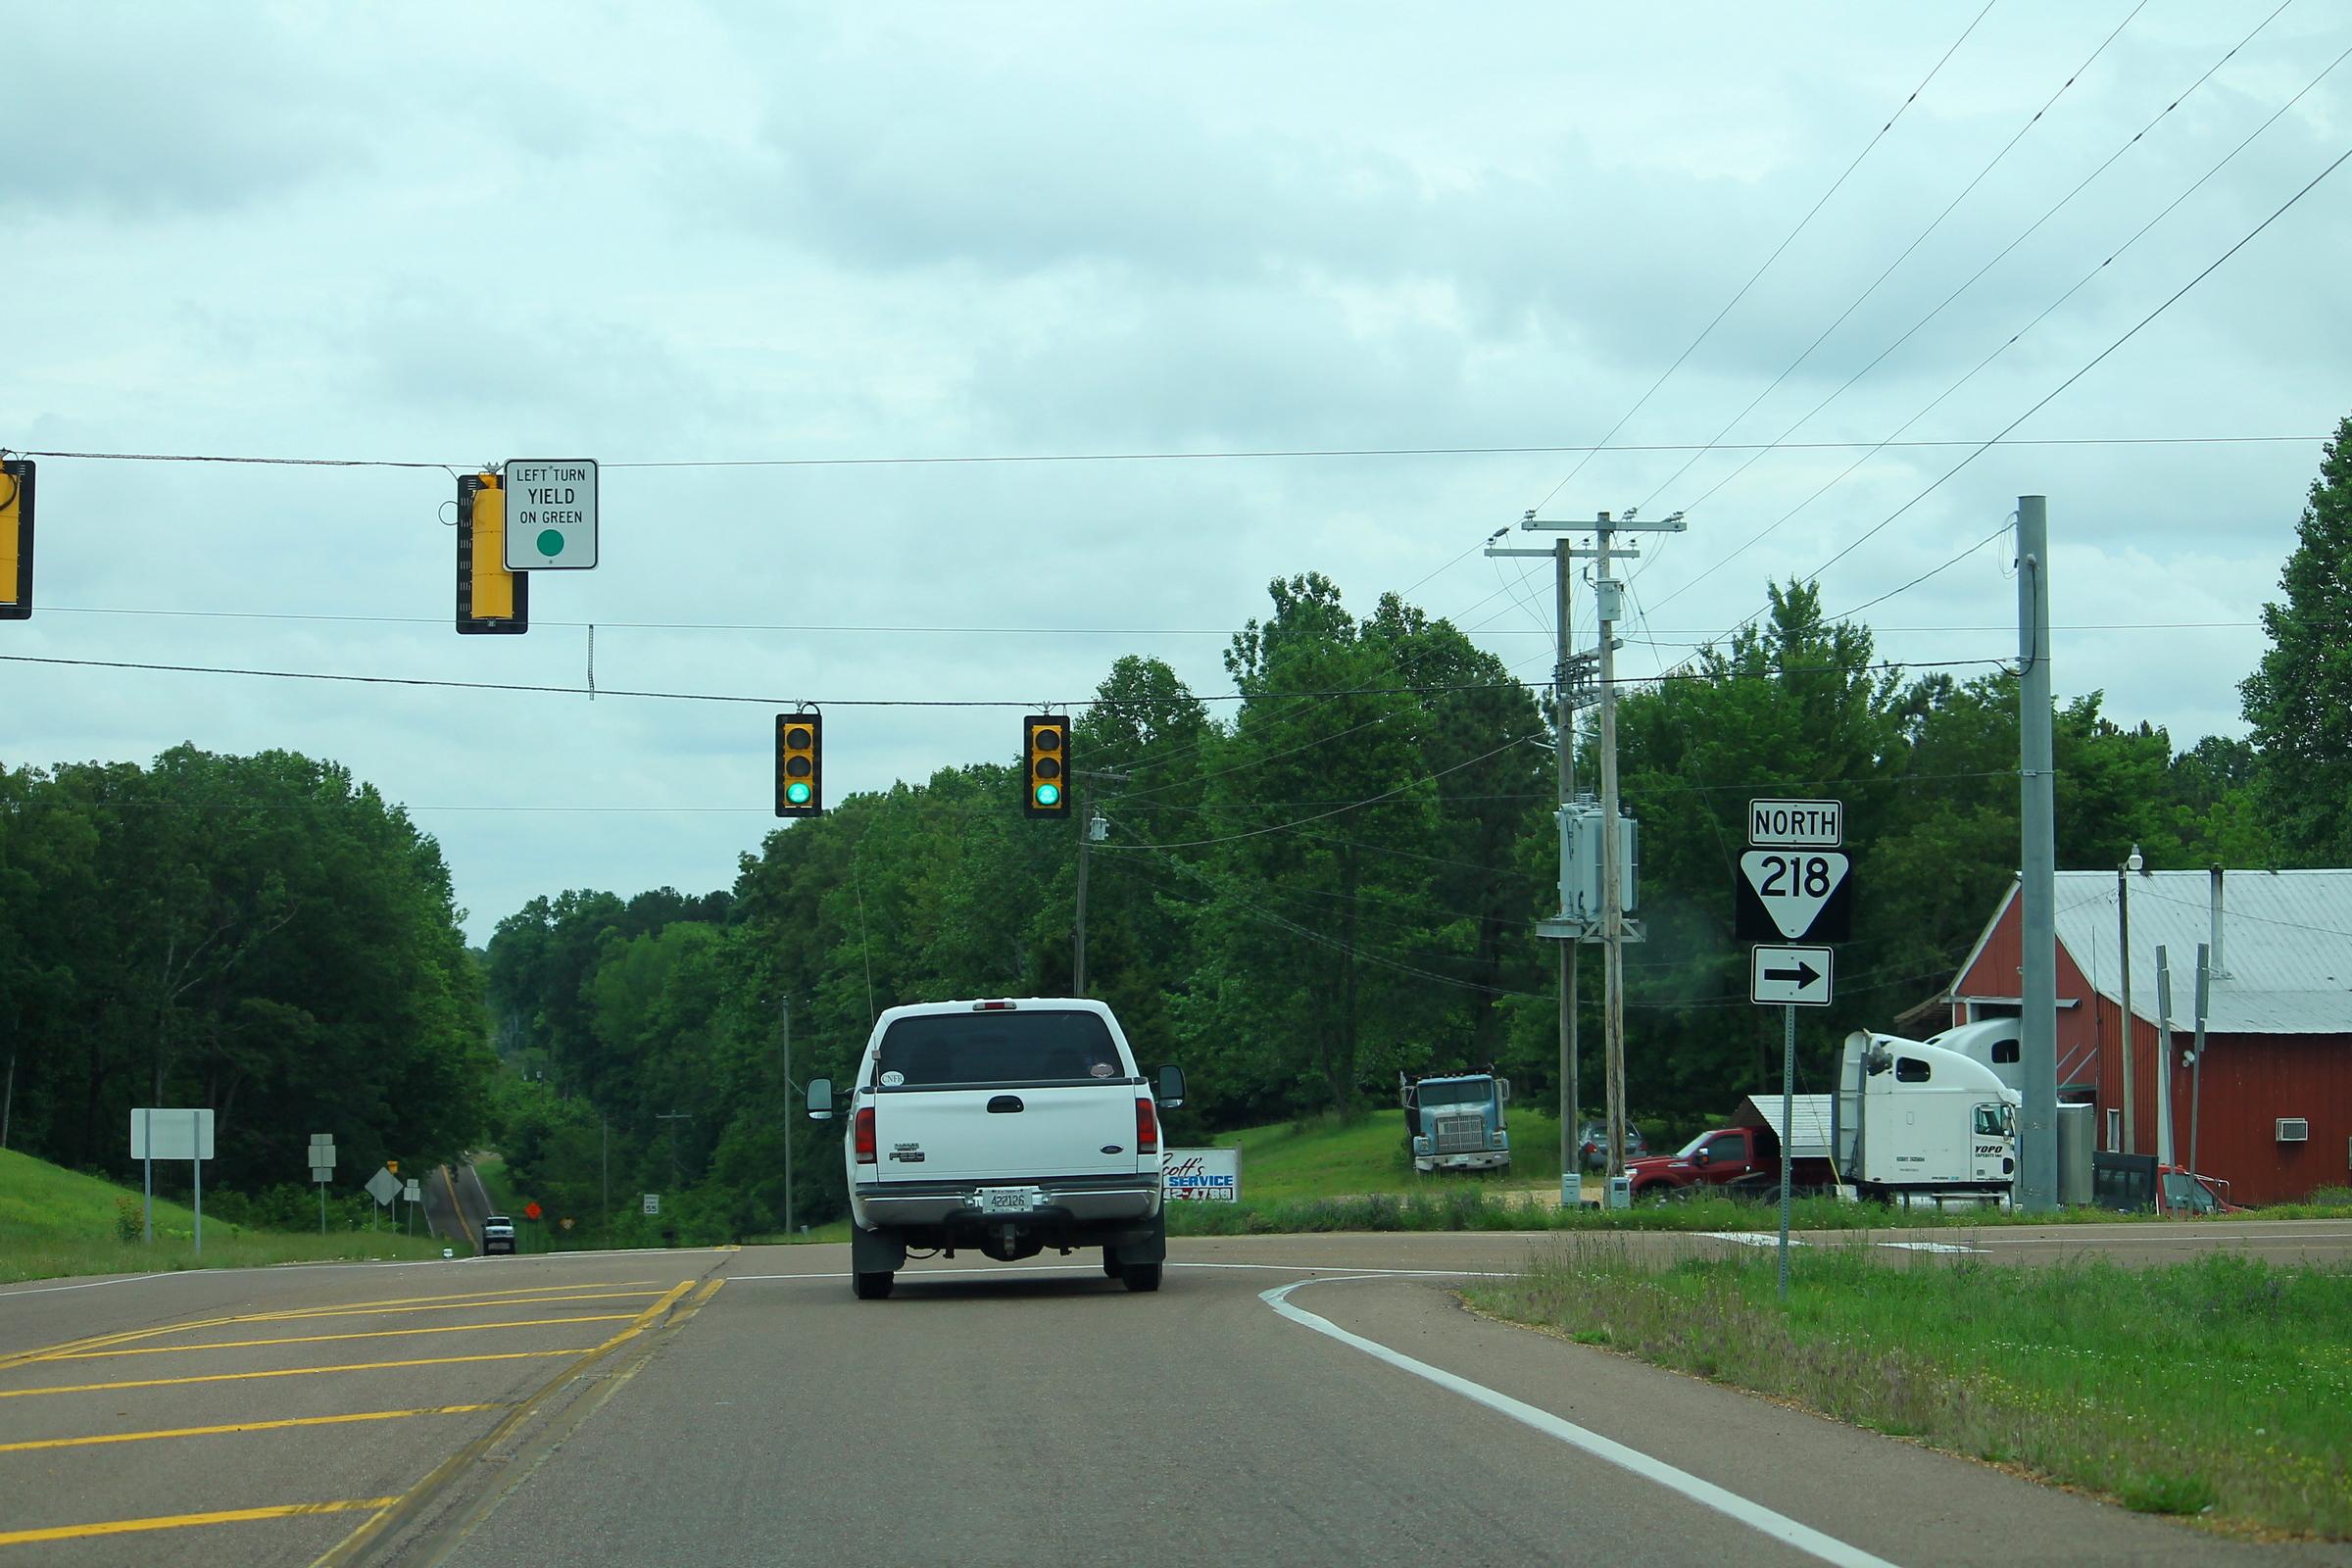 US641 South at TN218 North